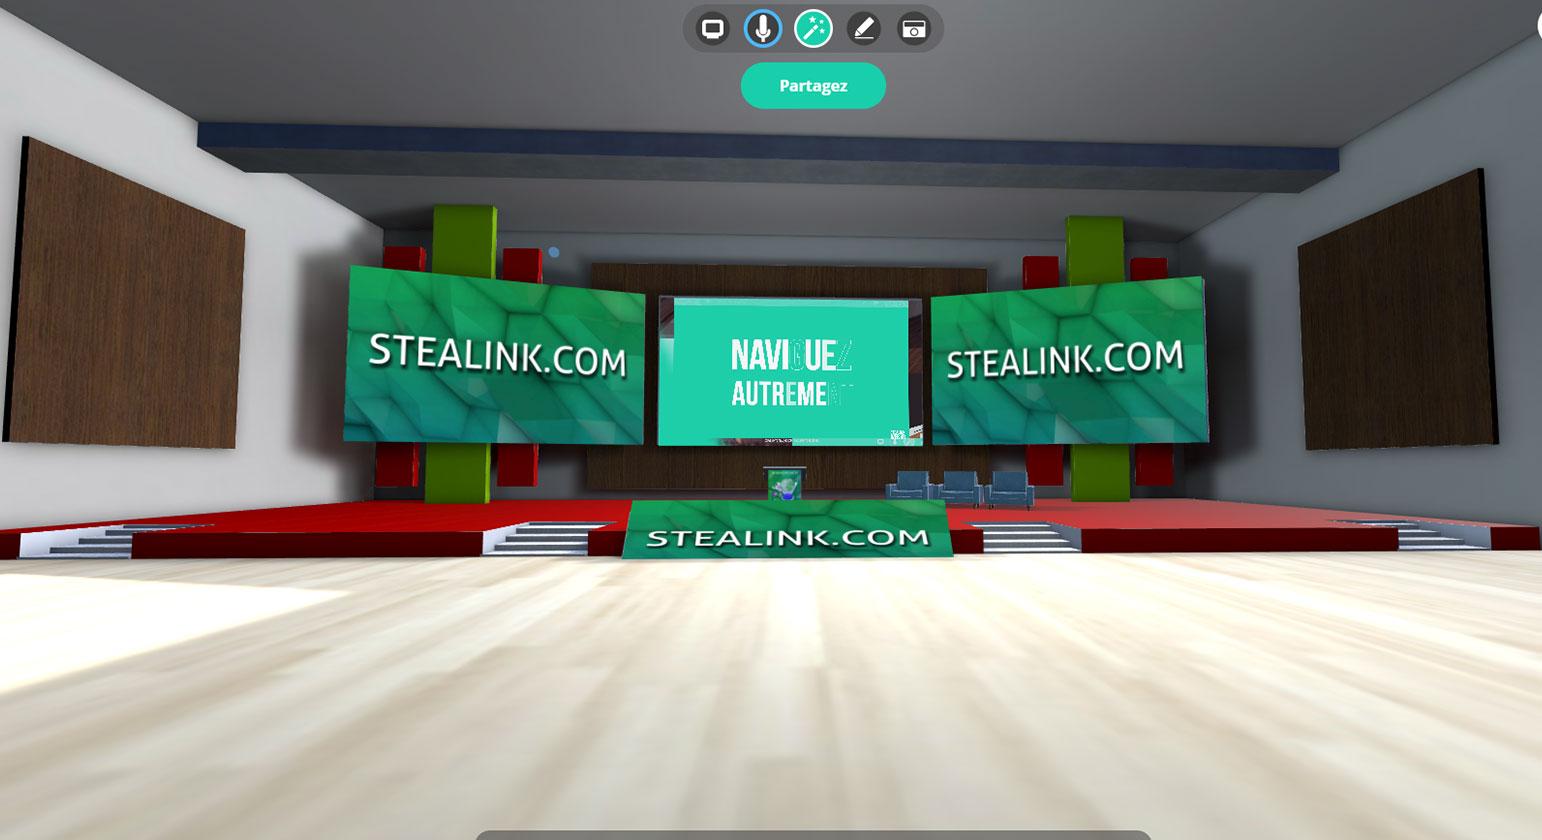 STEALINK.COM salle-de-reunion-virtuelle-intercative Salle de réunion virtuelle